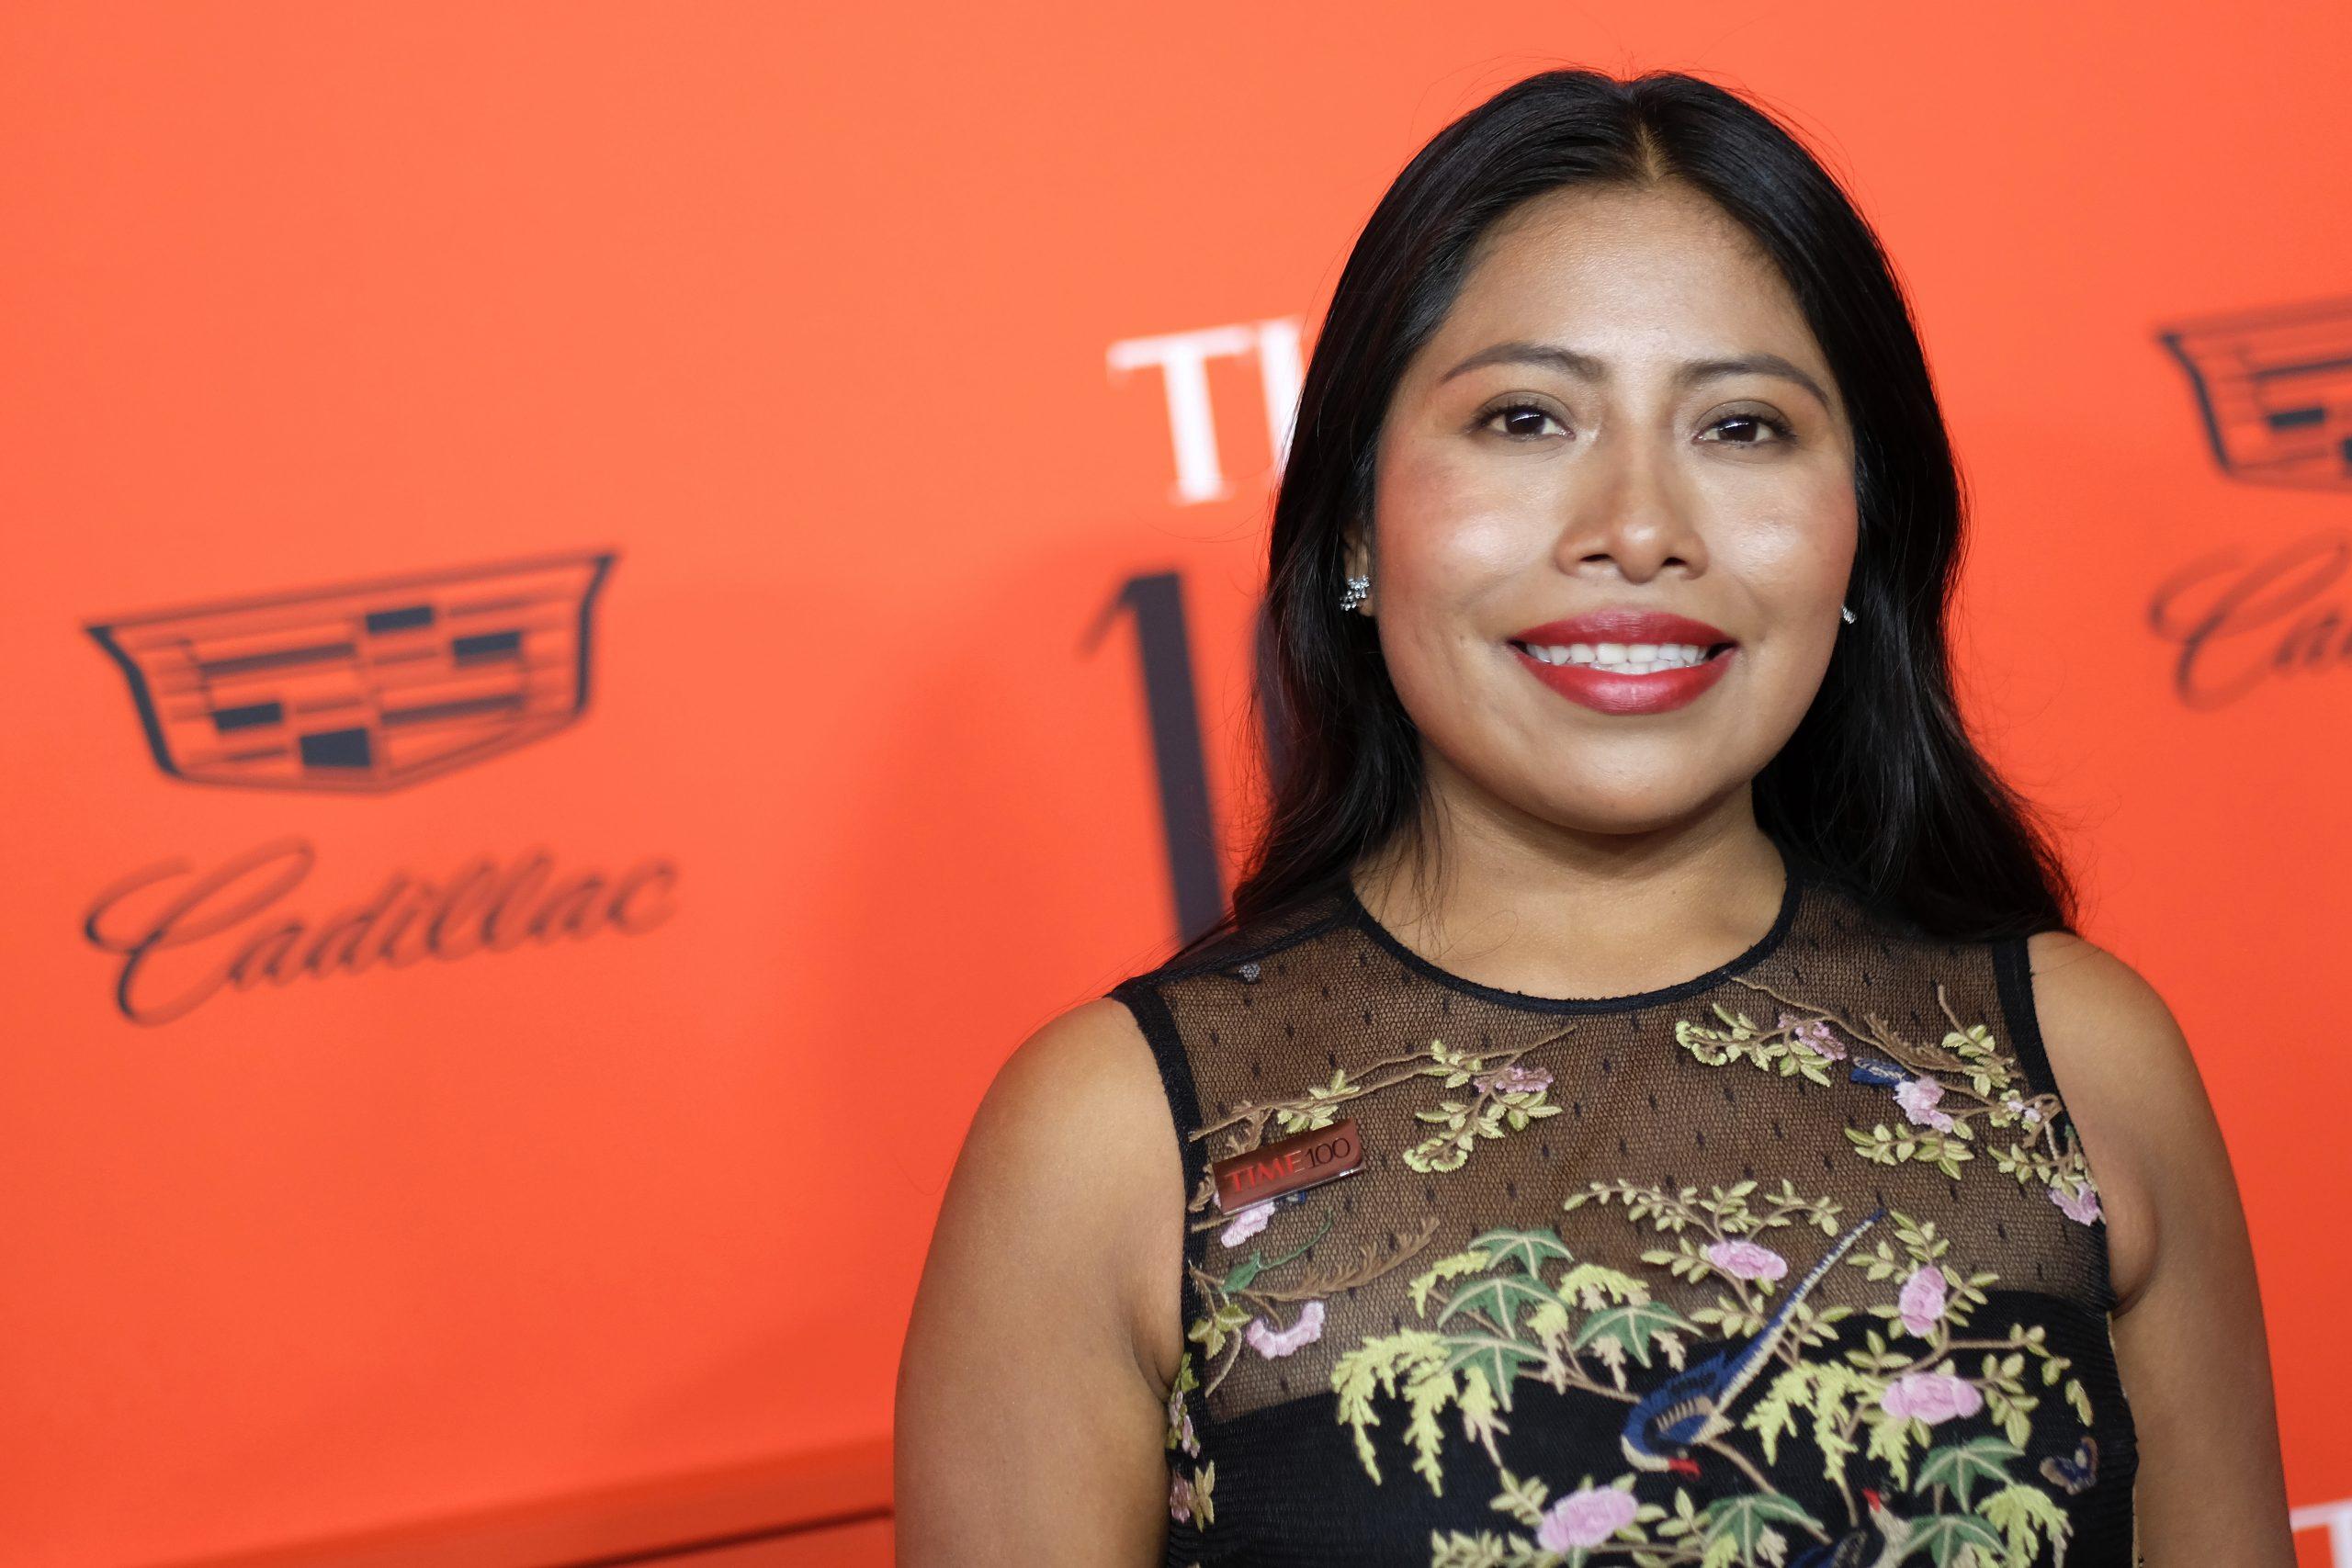 Yalitza Aparicio abre su propio canal en YouTube para contar historias inspiradoras